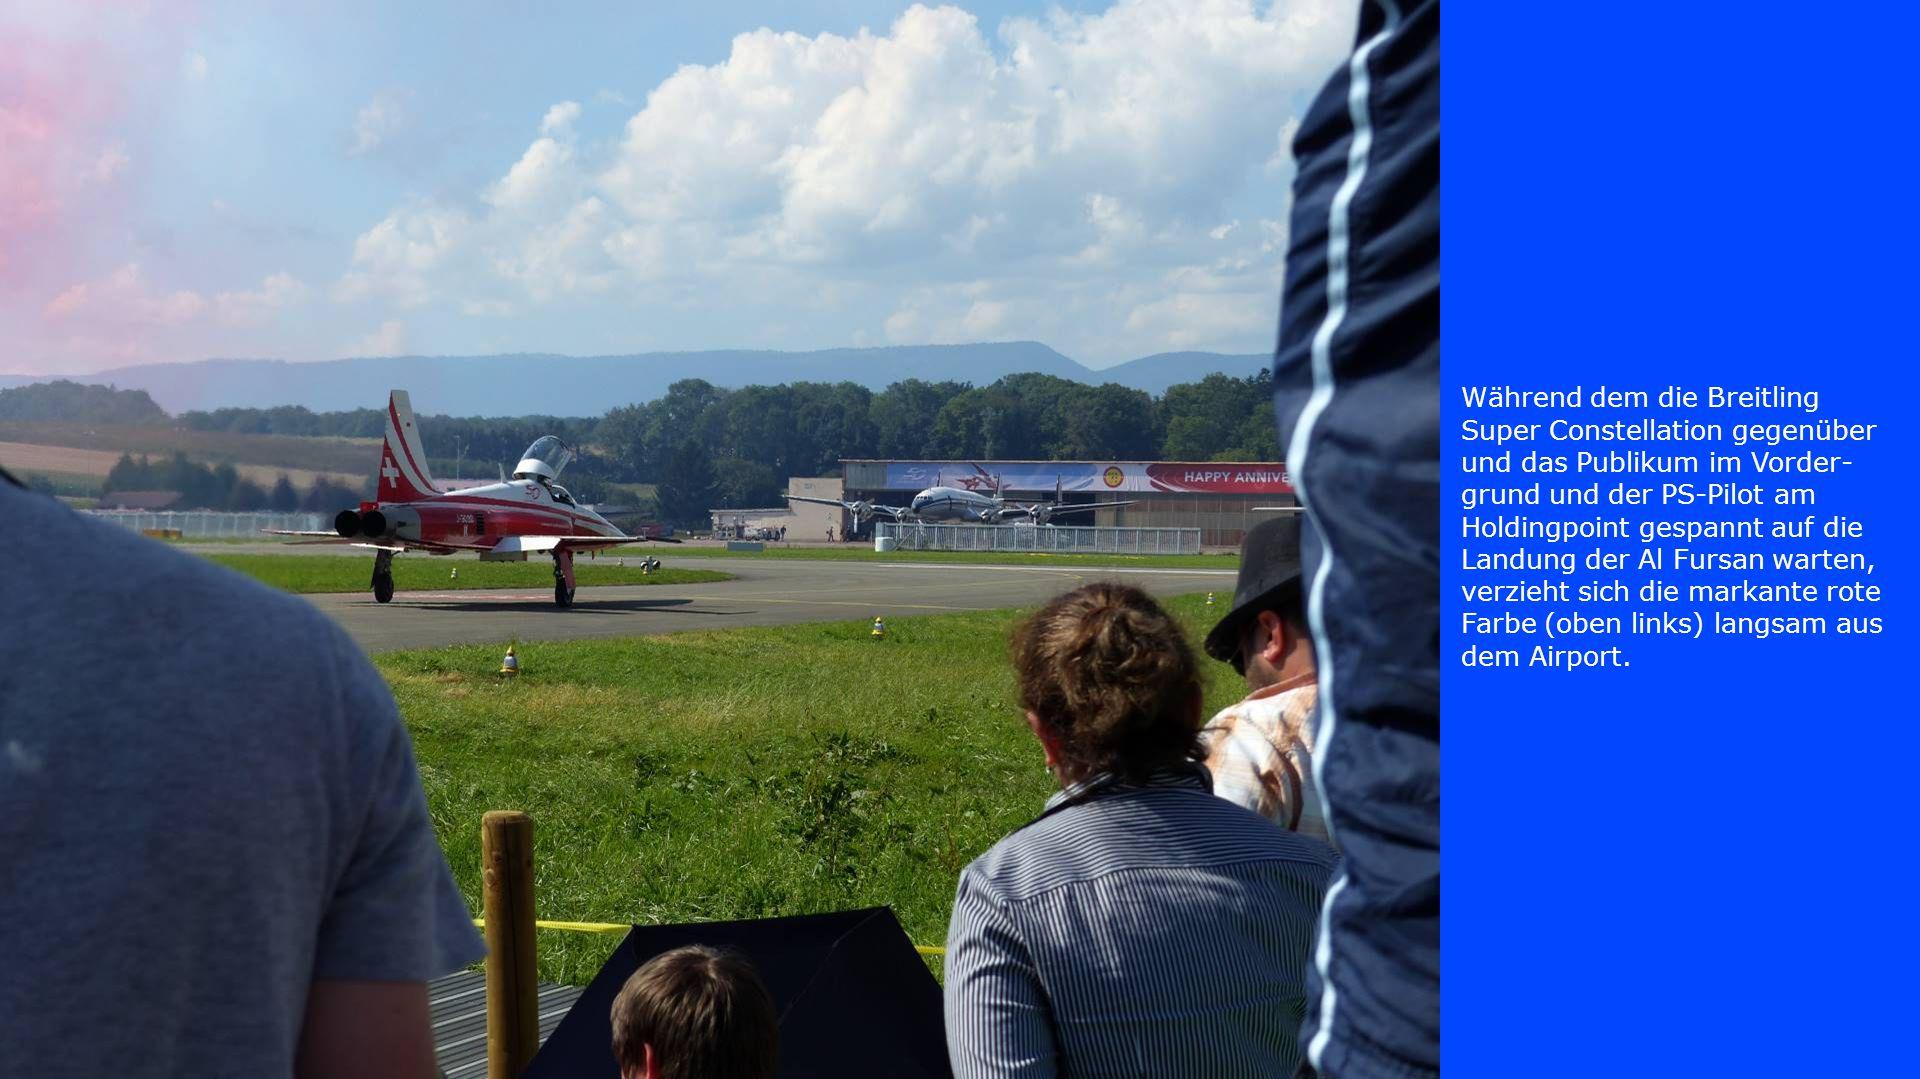 Während dem die Breitling Super Constellation gegenüber und das Publikum im Vorder- grund und der PS-Pilot am Holdingpoint gespannt auf die Landung de